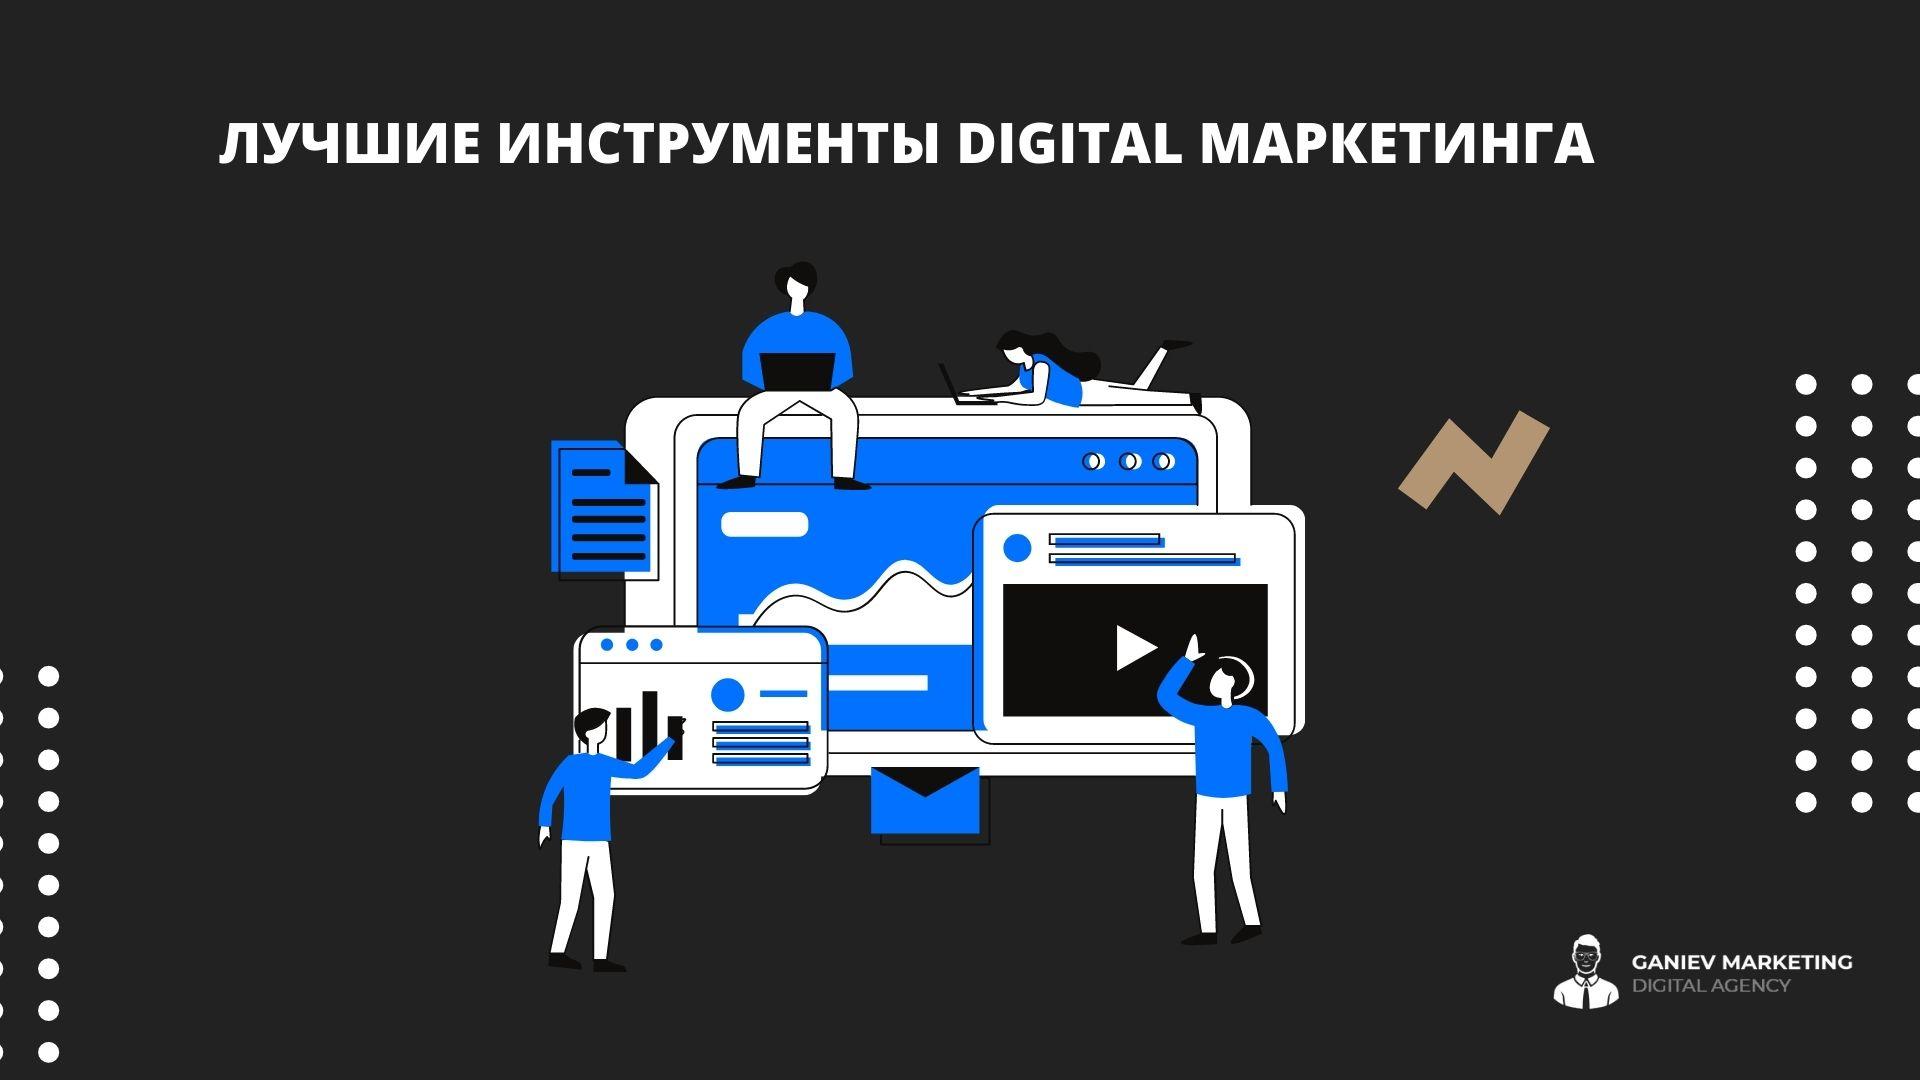 Digital маркетинг — 6 лучших инструментов для роста вашего бизнеса